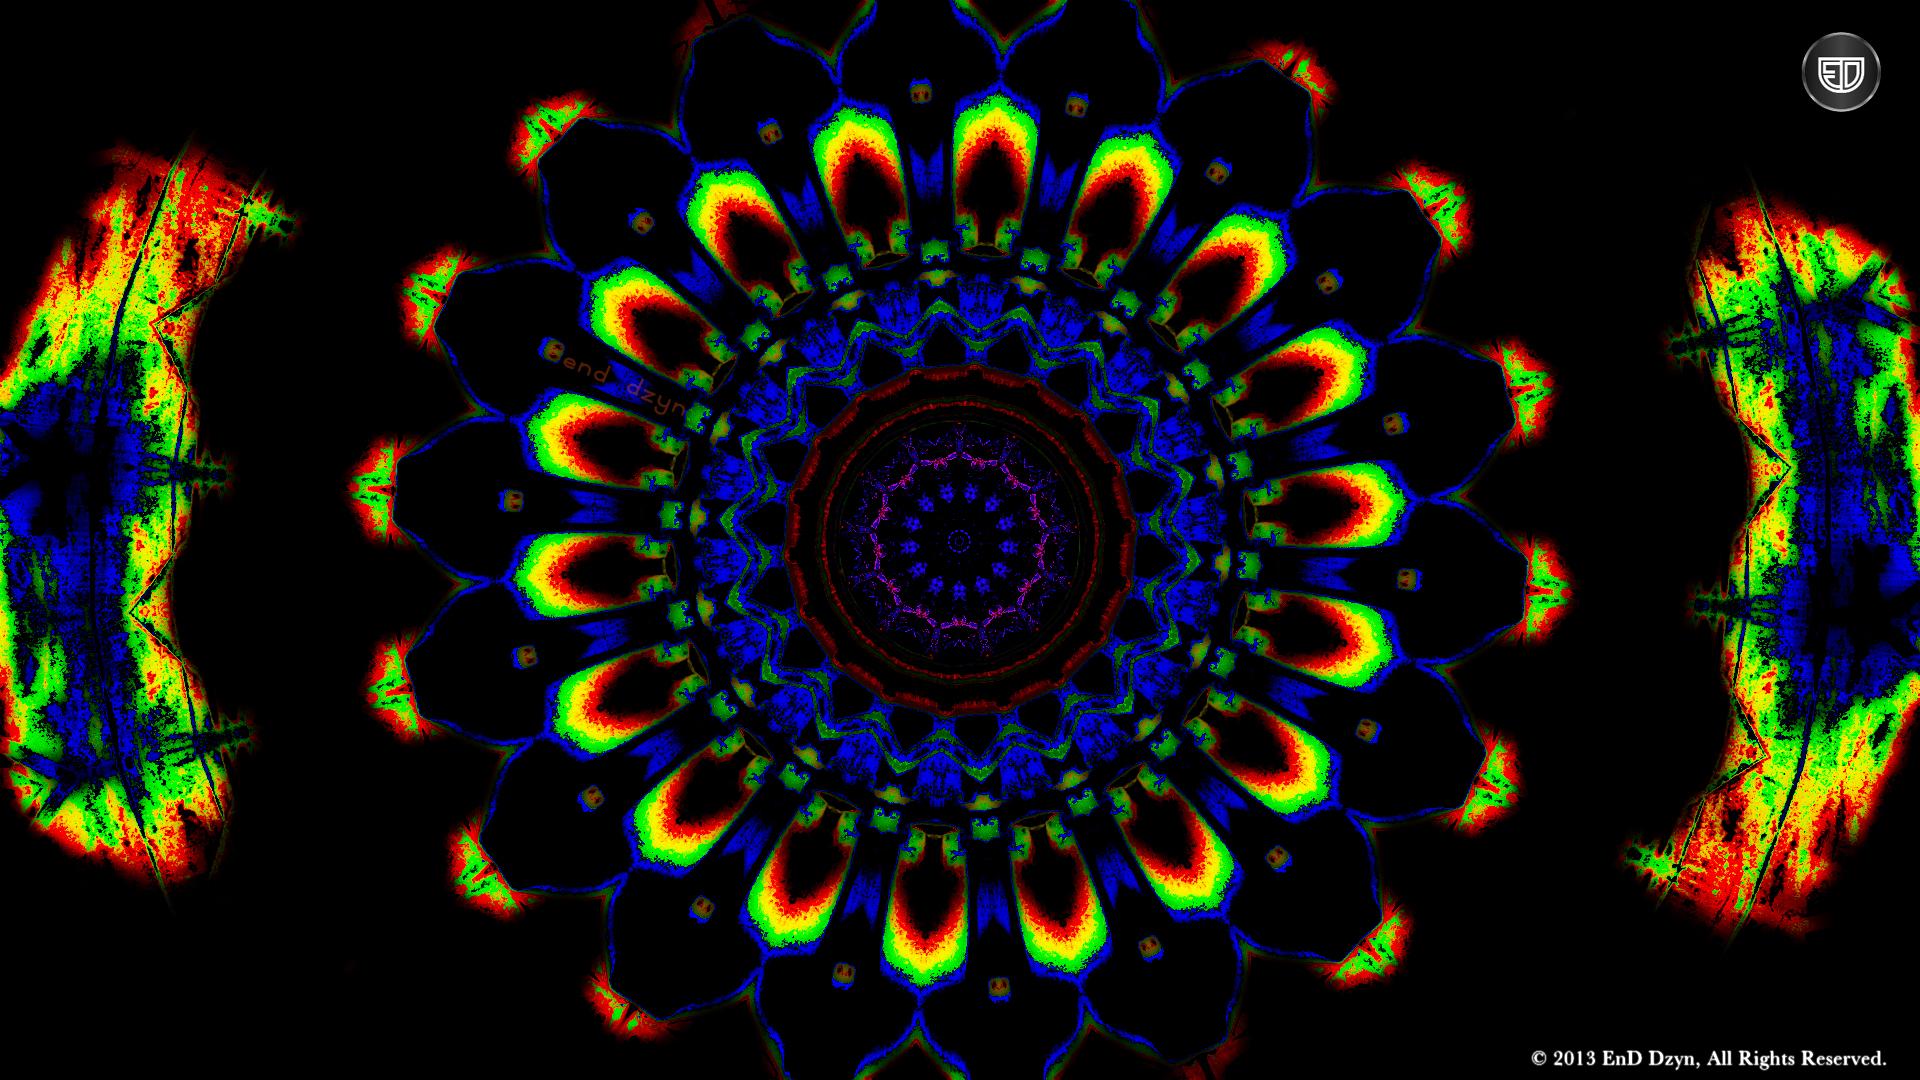 3d psychedelic trippy hd desktop wallpapersjpg 1920x1080